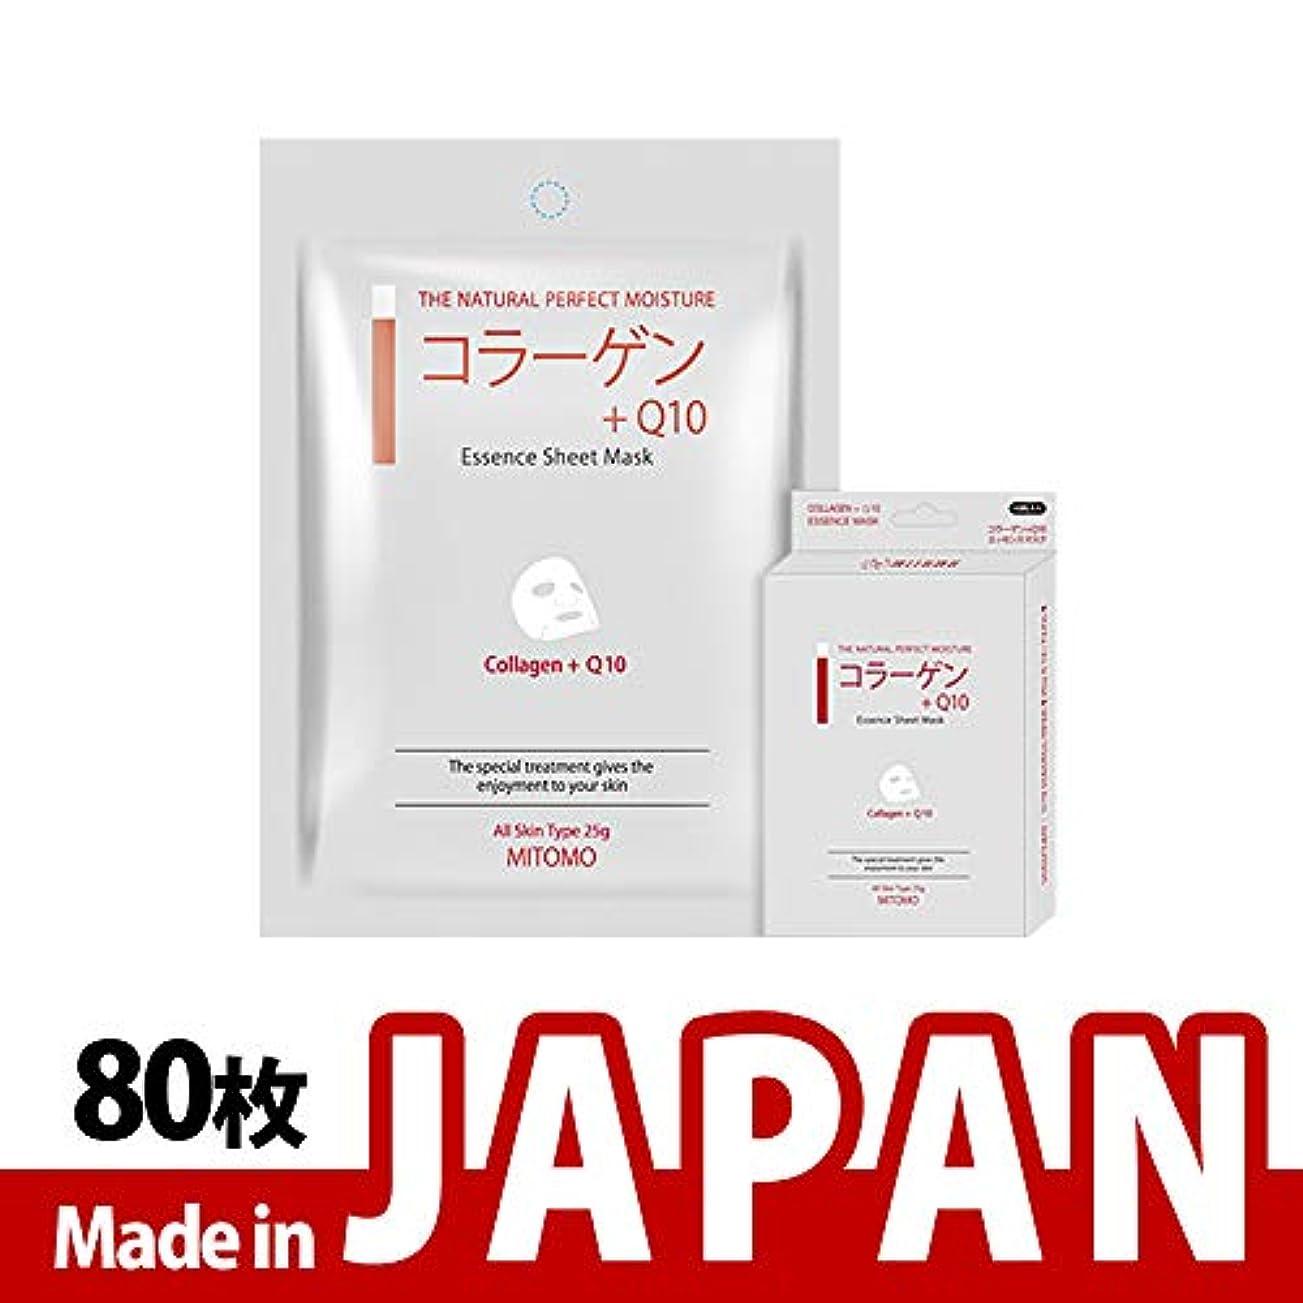 フロンティア書く変位MITOMO【MC001-A-1】日本製シートマスク/10枚入り/80枚/美容液/マスクパック/送料無料